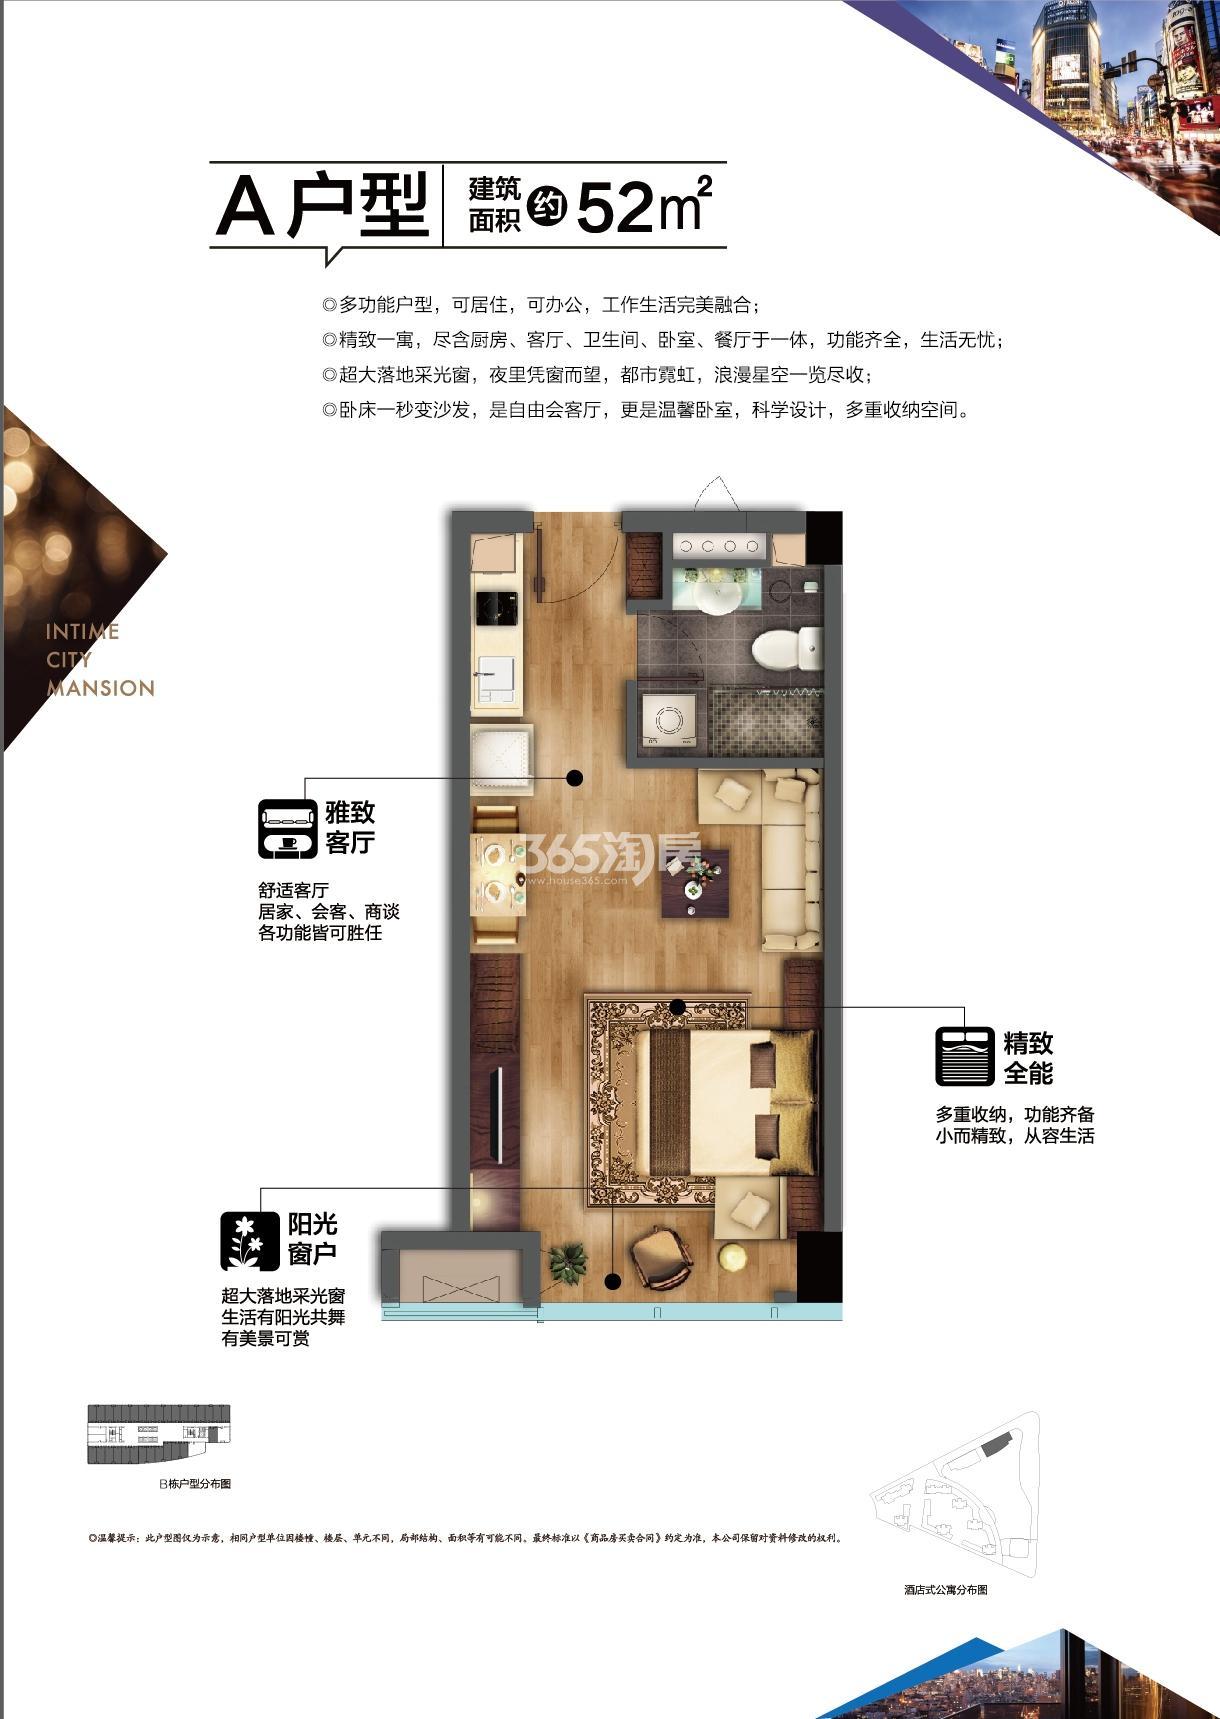 理想银泰城A户型52方户型图